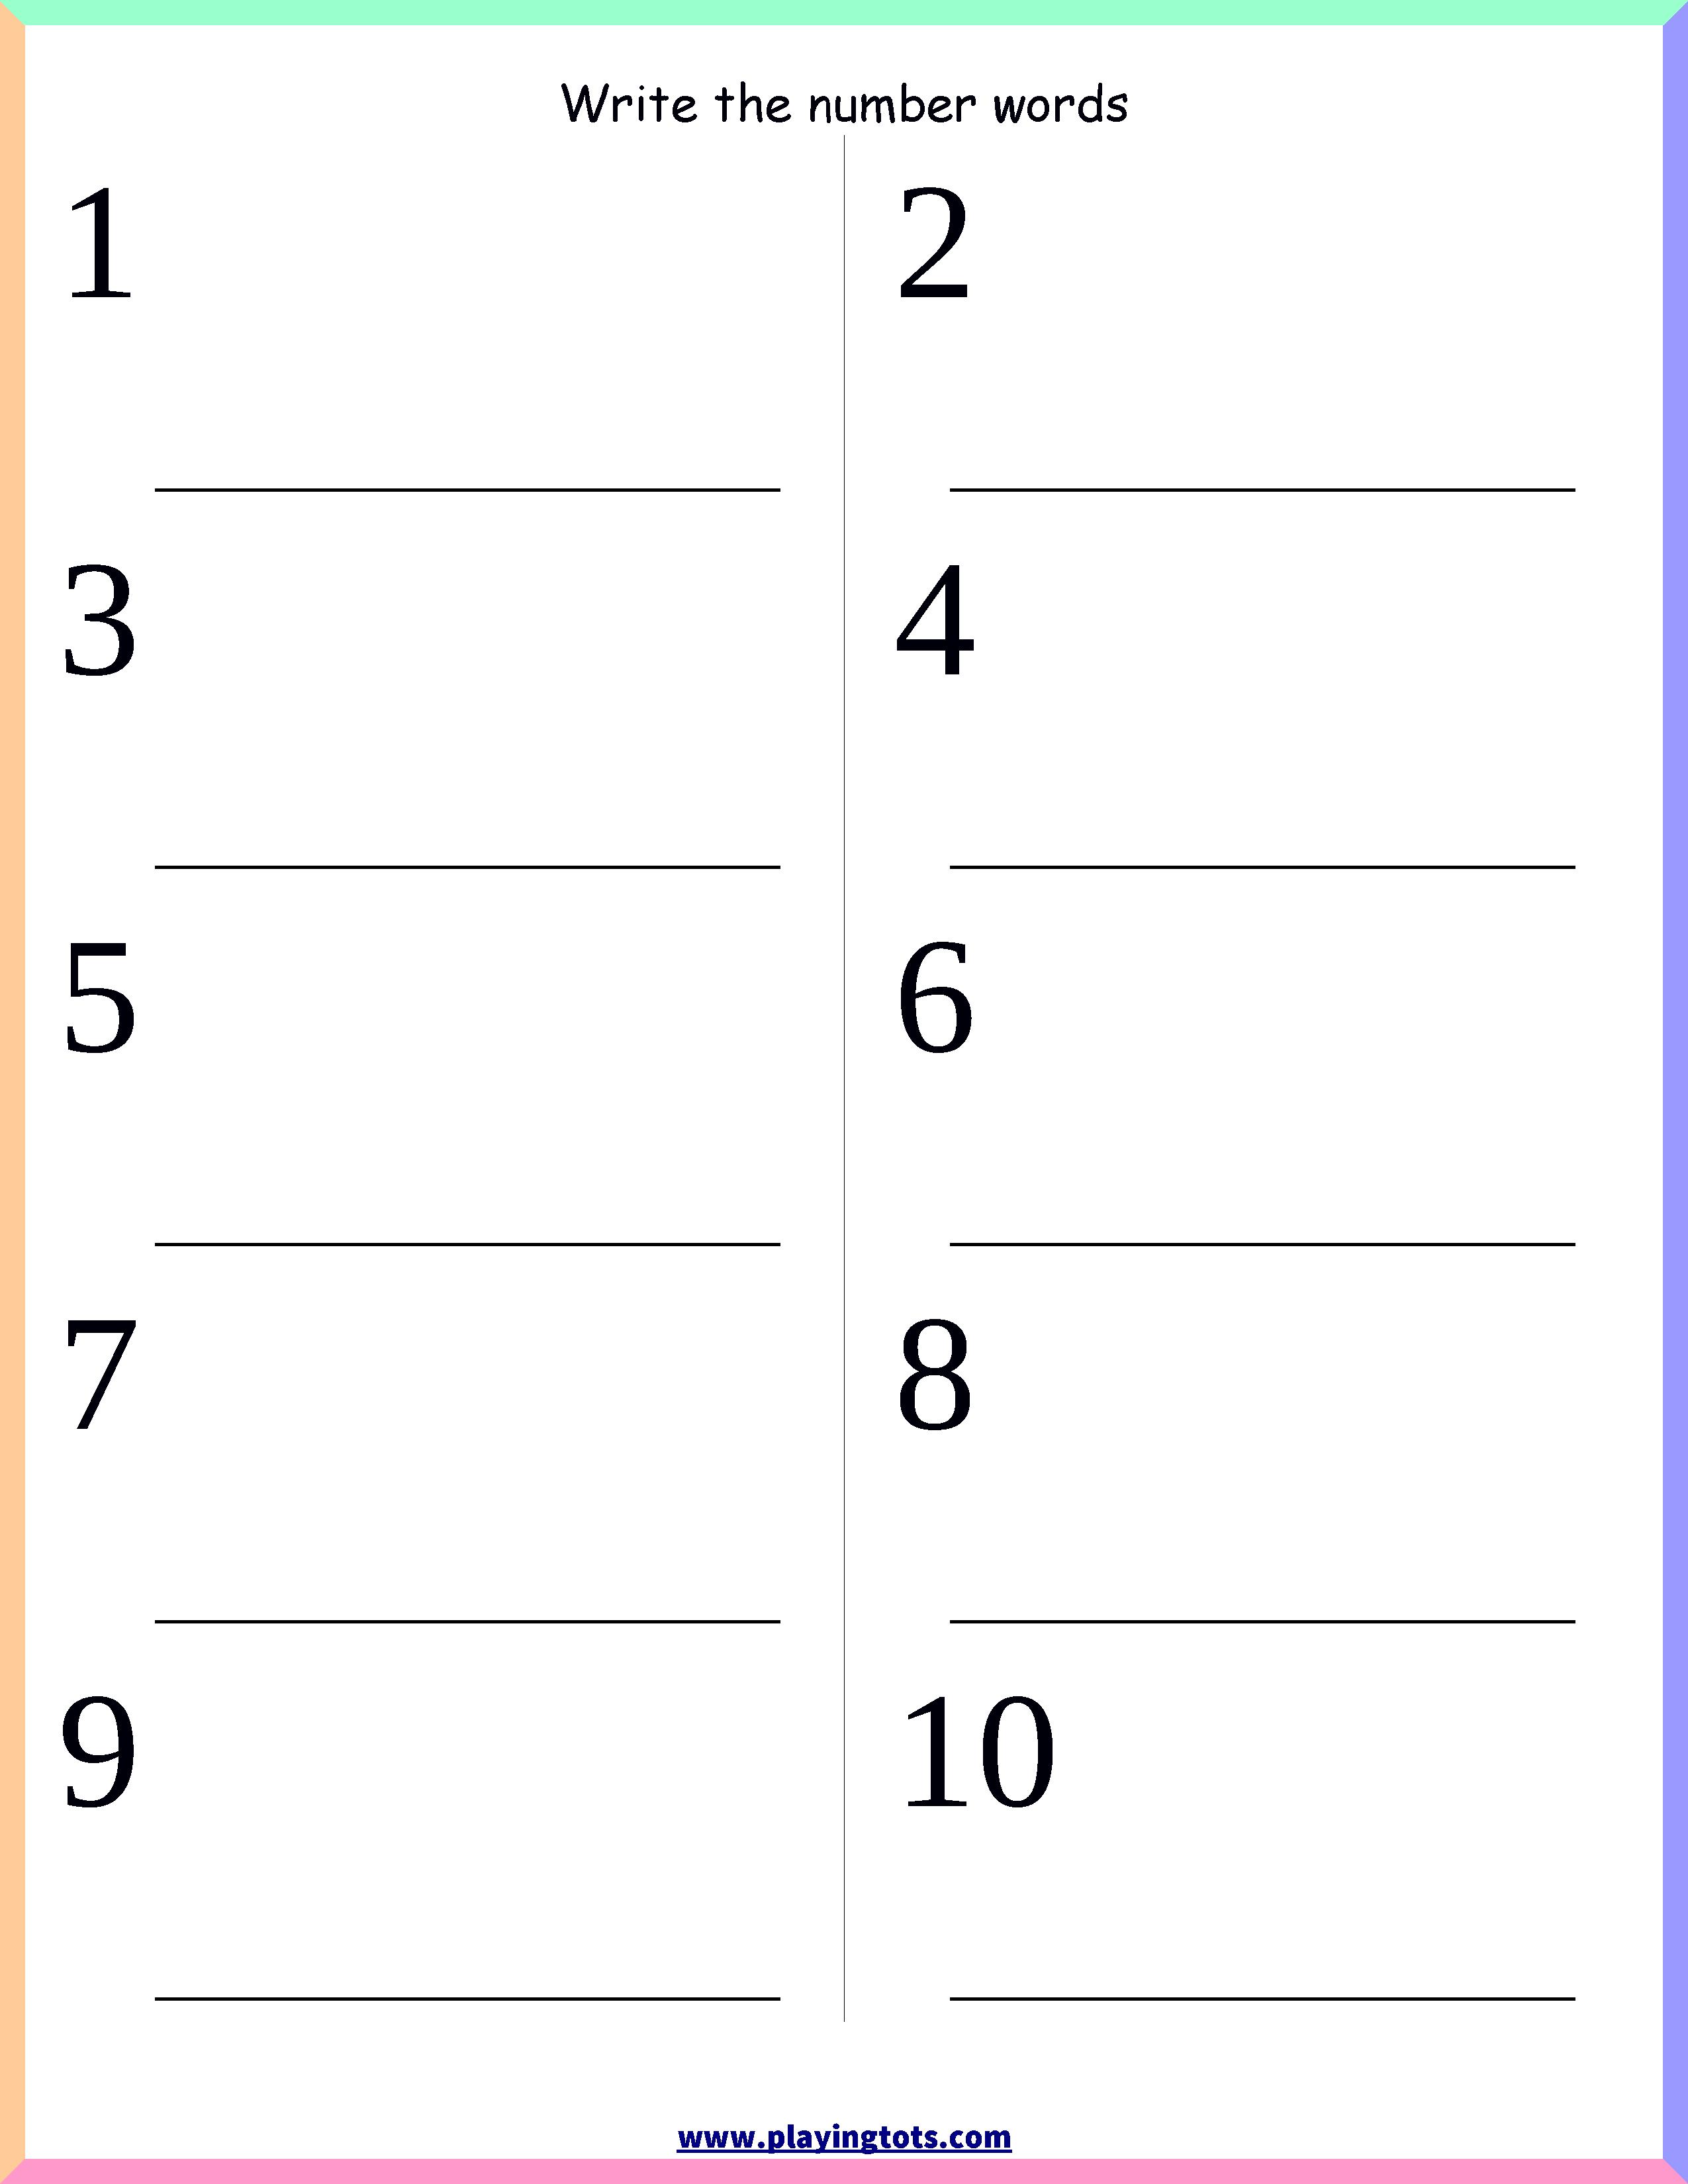 Lkg Maths Worksheets Free Printable Lkg Worksheets Free